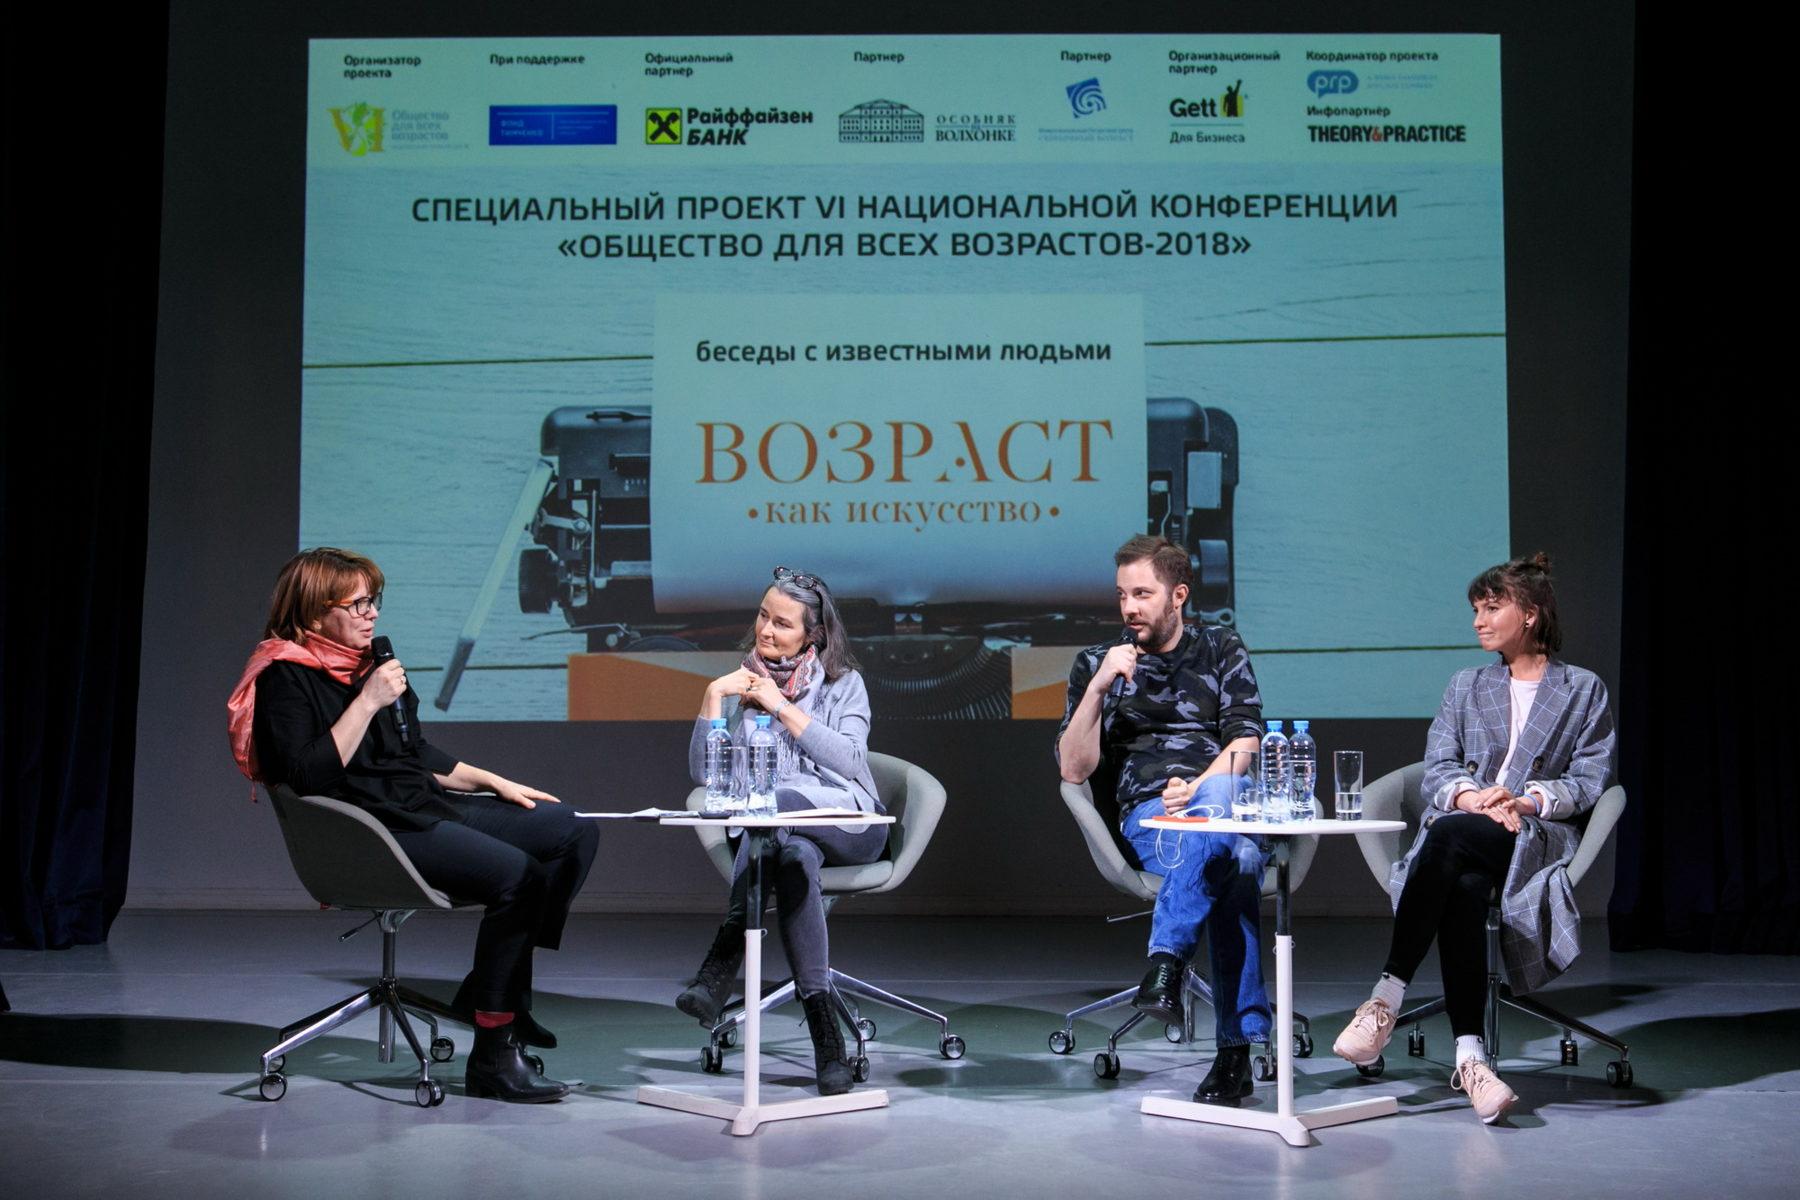 Дискуссия «Поколения XYZ через 30 лет. Отношения. Любовь. Возможности» – события на сайте «Московские Сезоны»